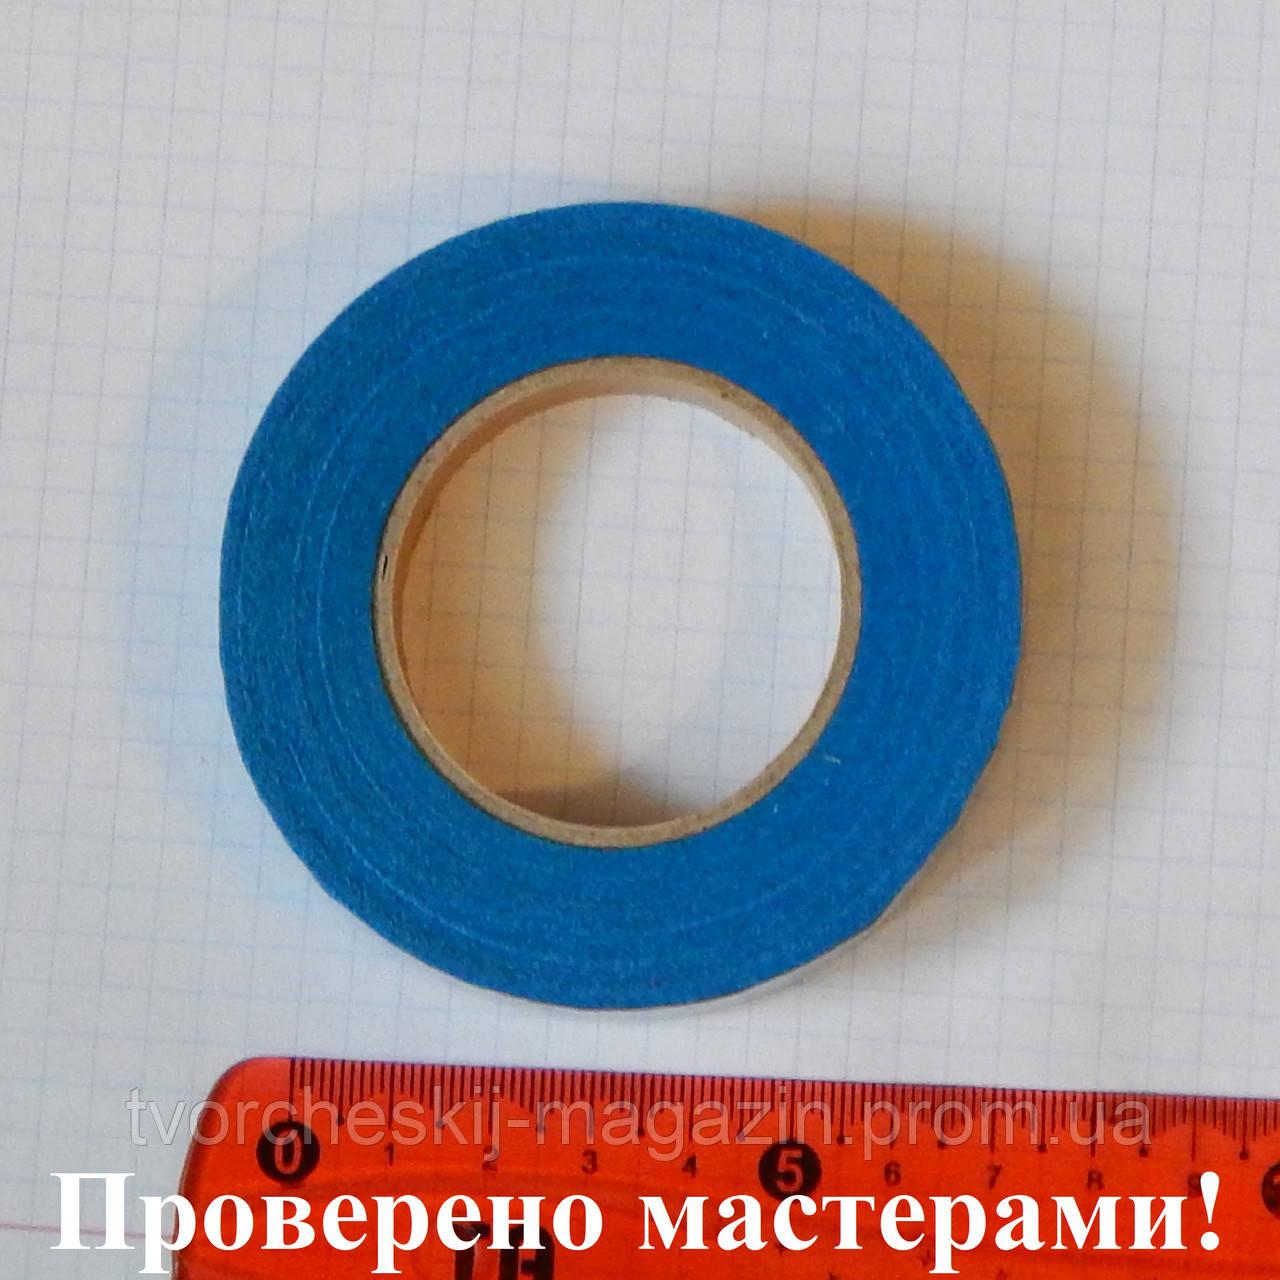 Тейп-Лента голубая, 27 м, 1,2 см (12 мм) 1 большая бобина